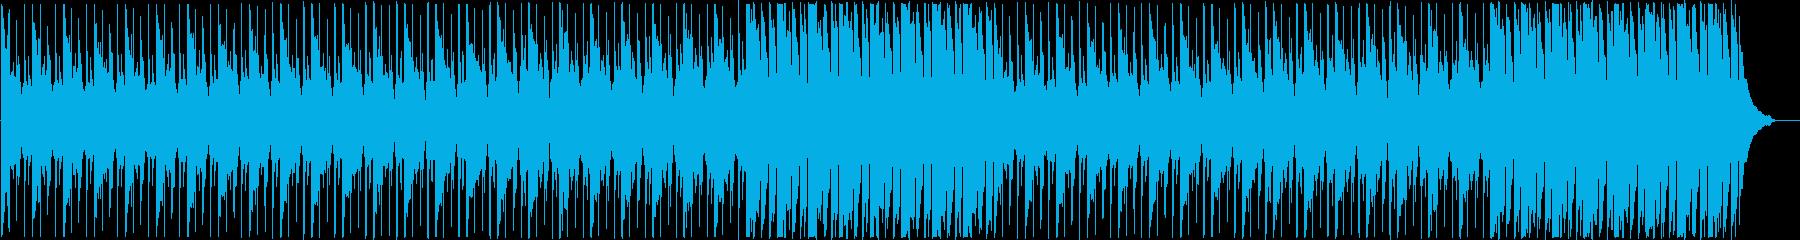 企業VPに わくわく・明るいピアノメインの再生済みの波形